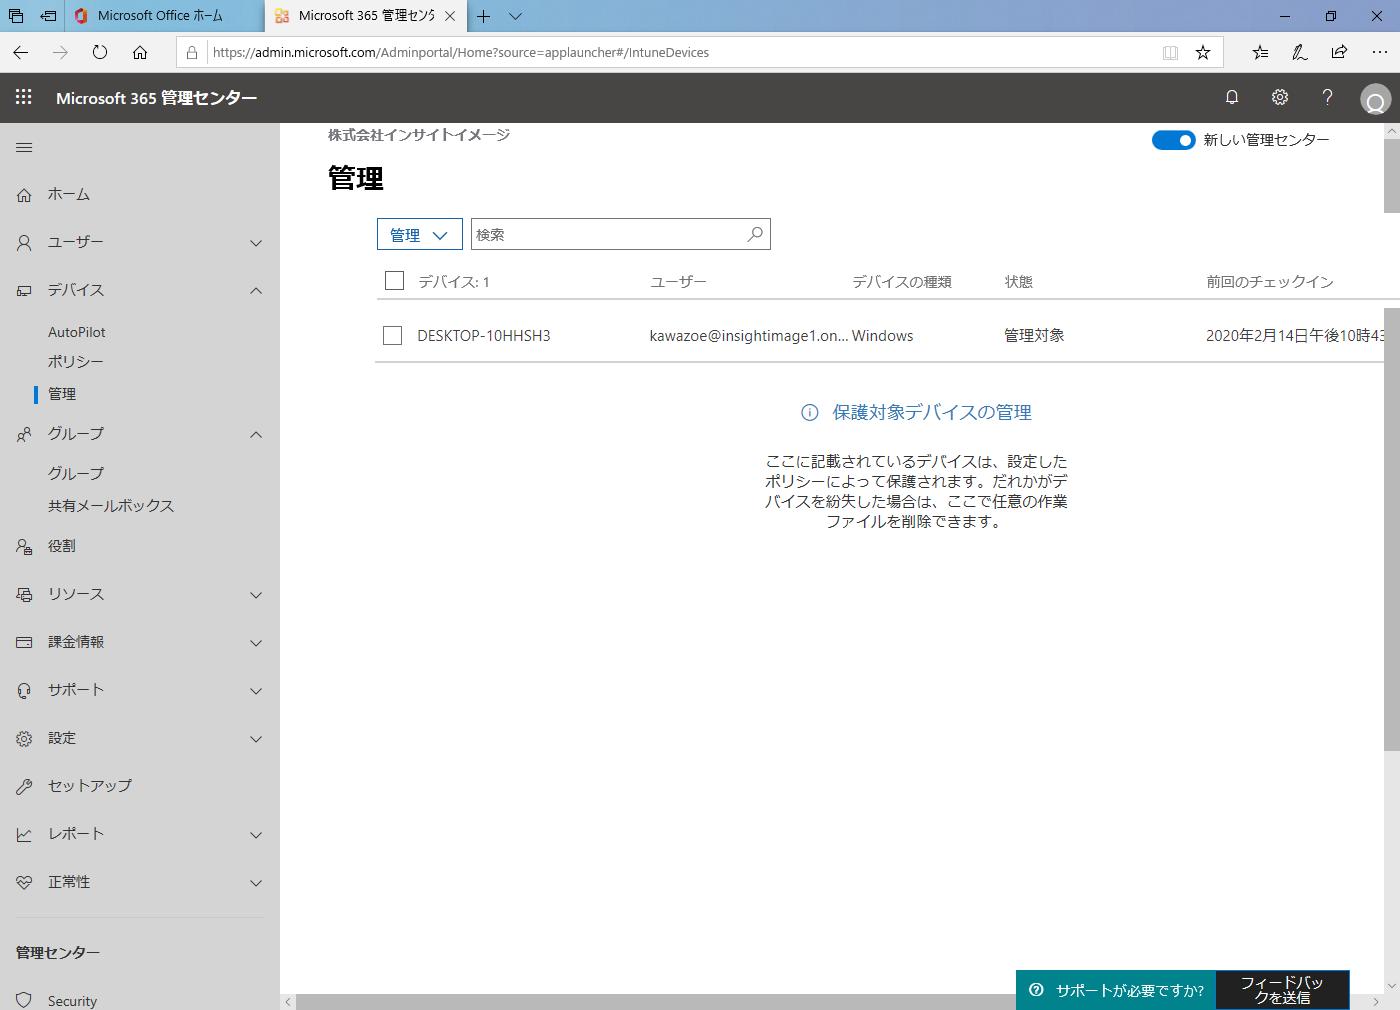 会社所有のデバイスとして登録したデバイスの一覧が表示される。一覧からデバイスをクリックすれば、利用しているユーザーやデバイスの種類などを確認できるほか、「出荷時の設定にリセット」や「会社のデータの削除」などの操作が行える